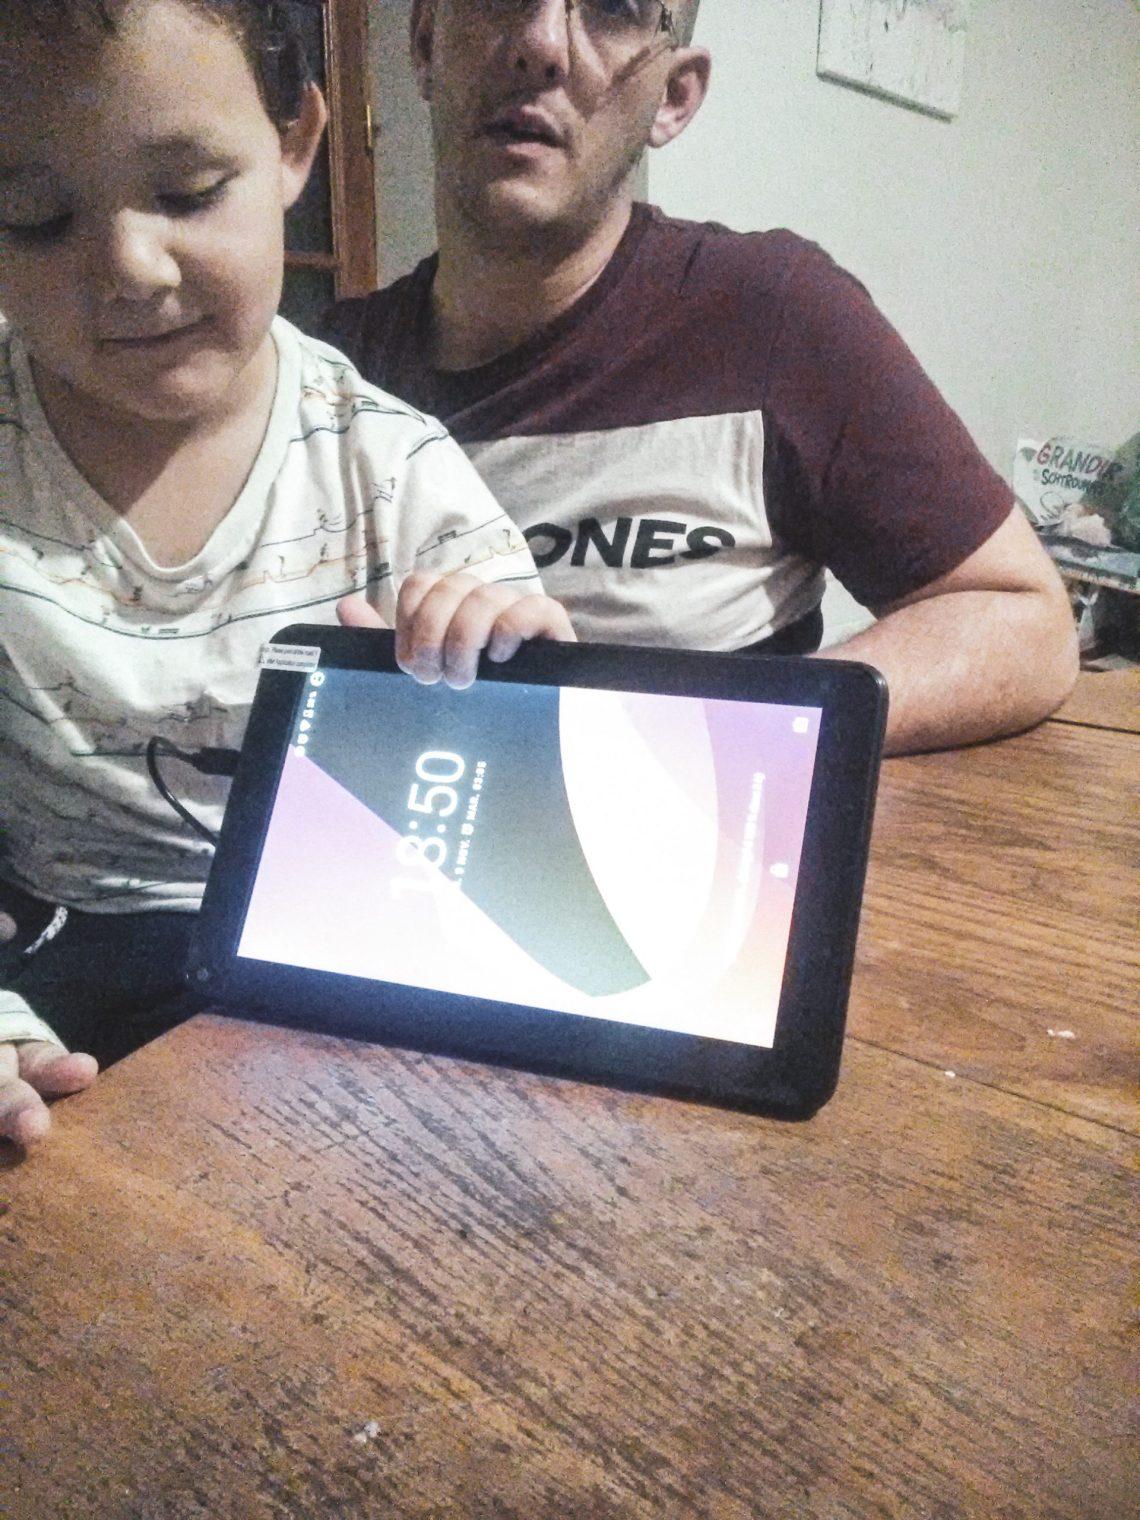 Avis : Que vaut la tablette enfant Xgody T901 vendue par Aliexpress ?